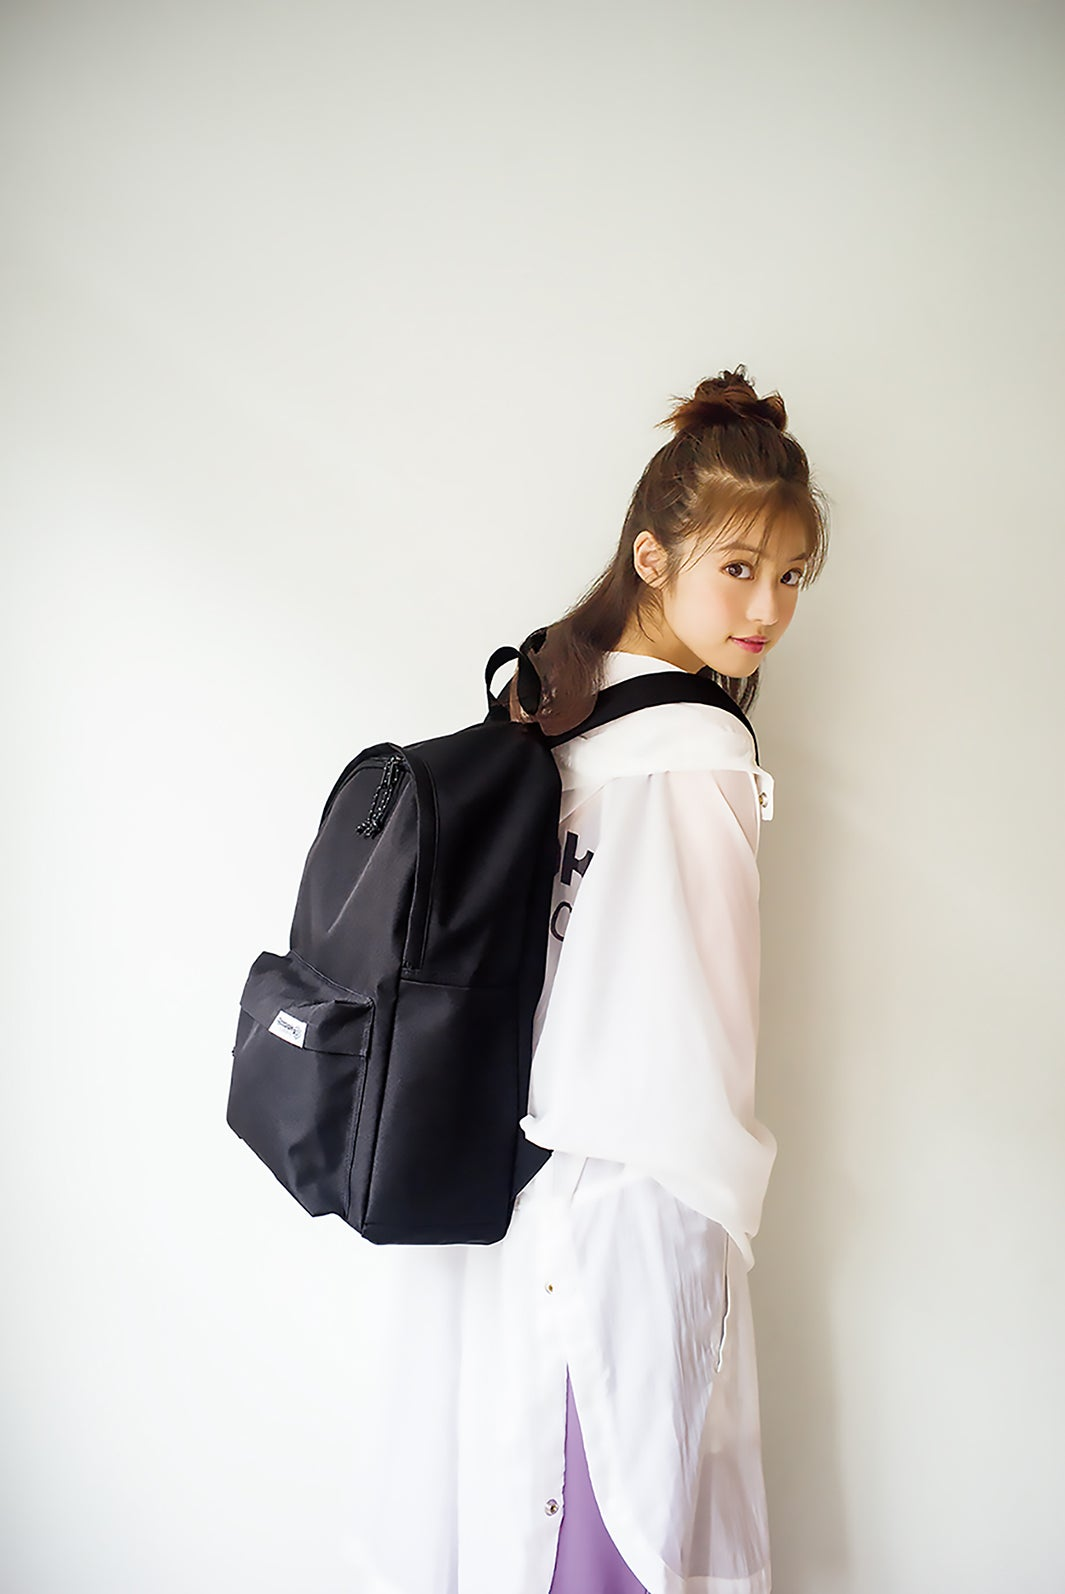 今田美桜、前髪ありも\u201d国宝級\u201dに可愛い , モデルプレス